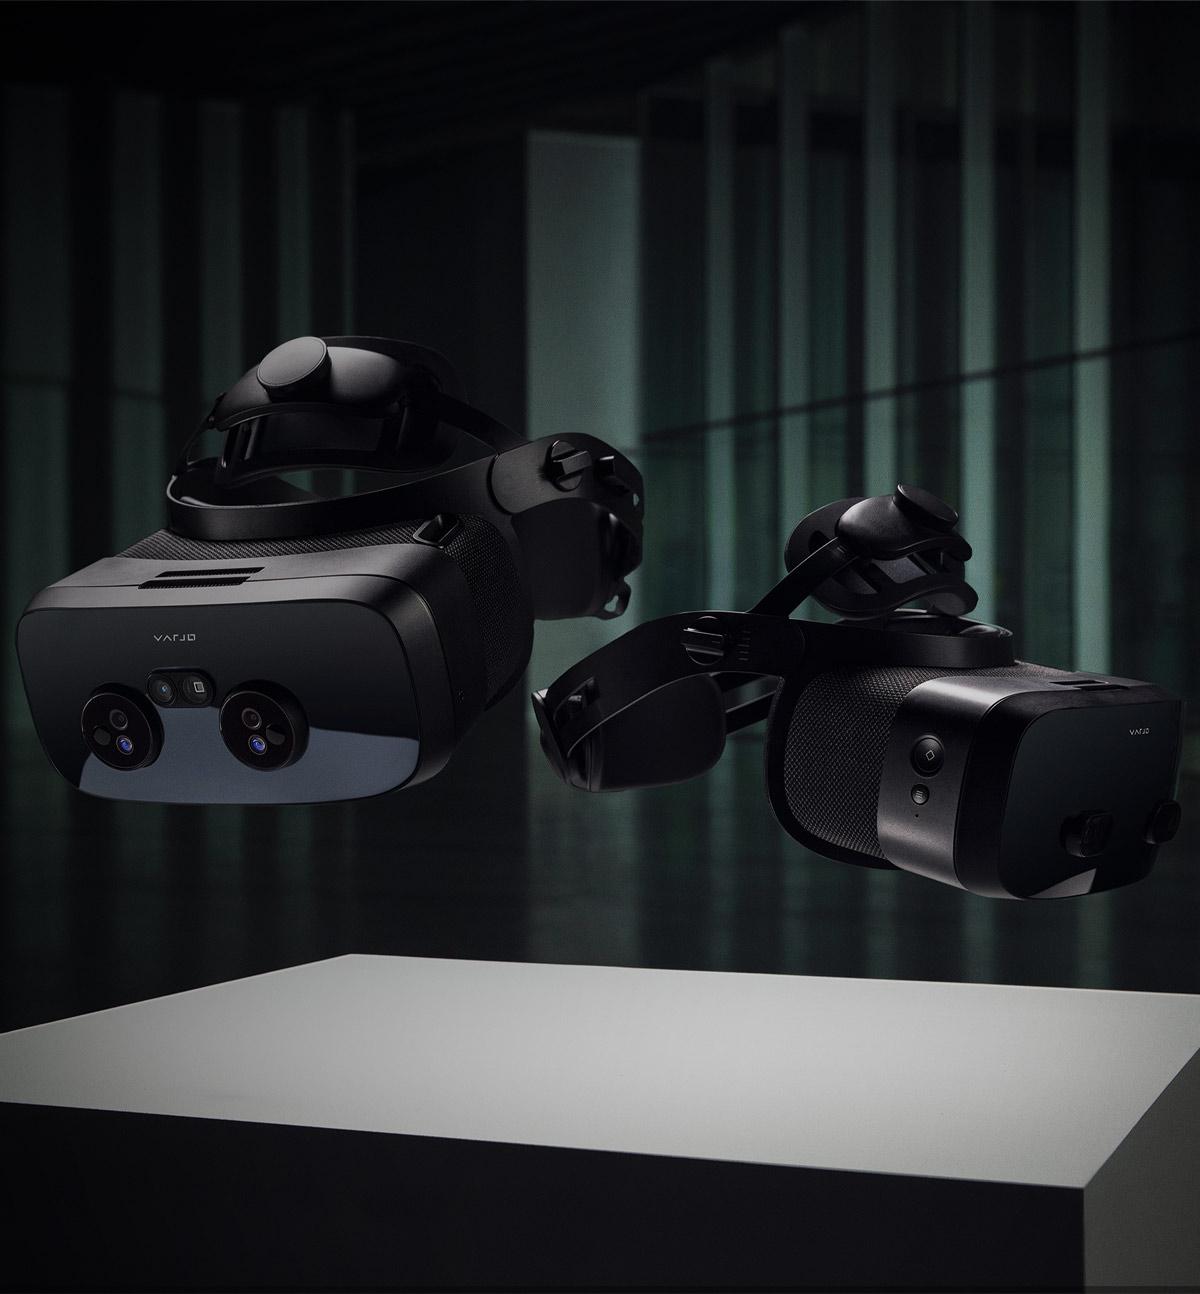 専門家のための仮想現実と複合現実 – Varjo